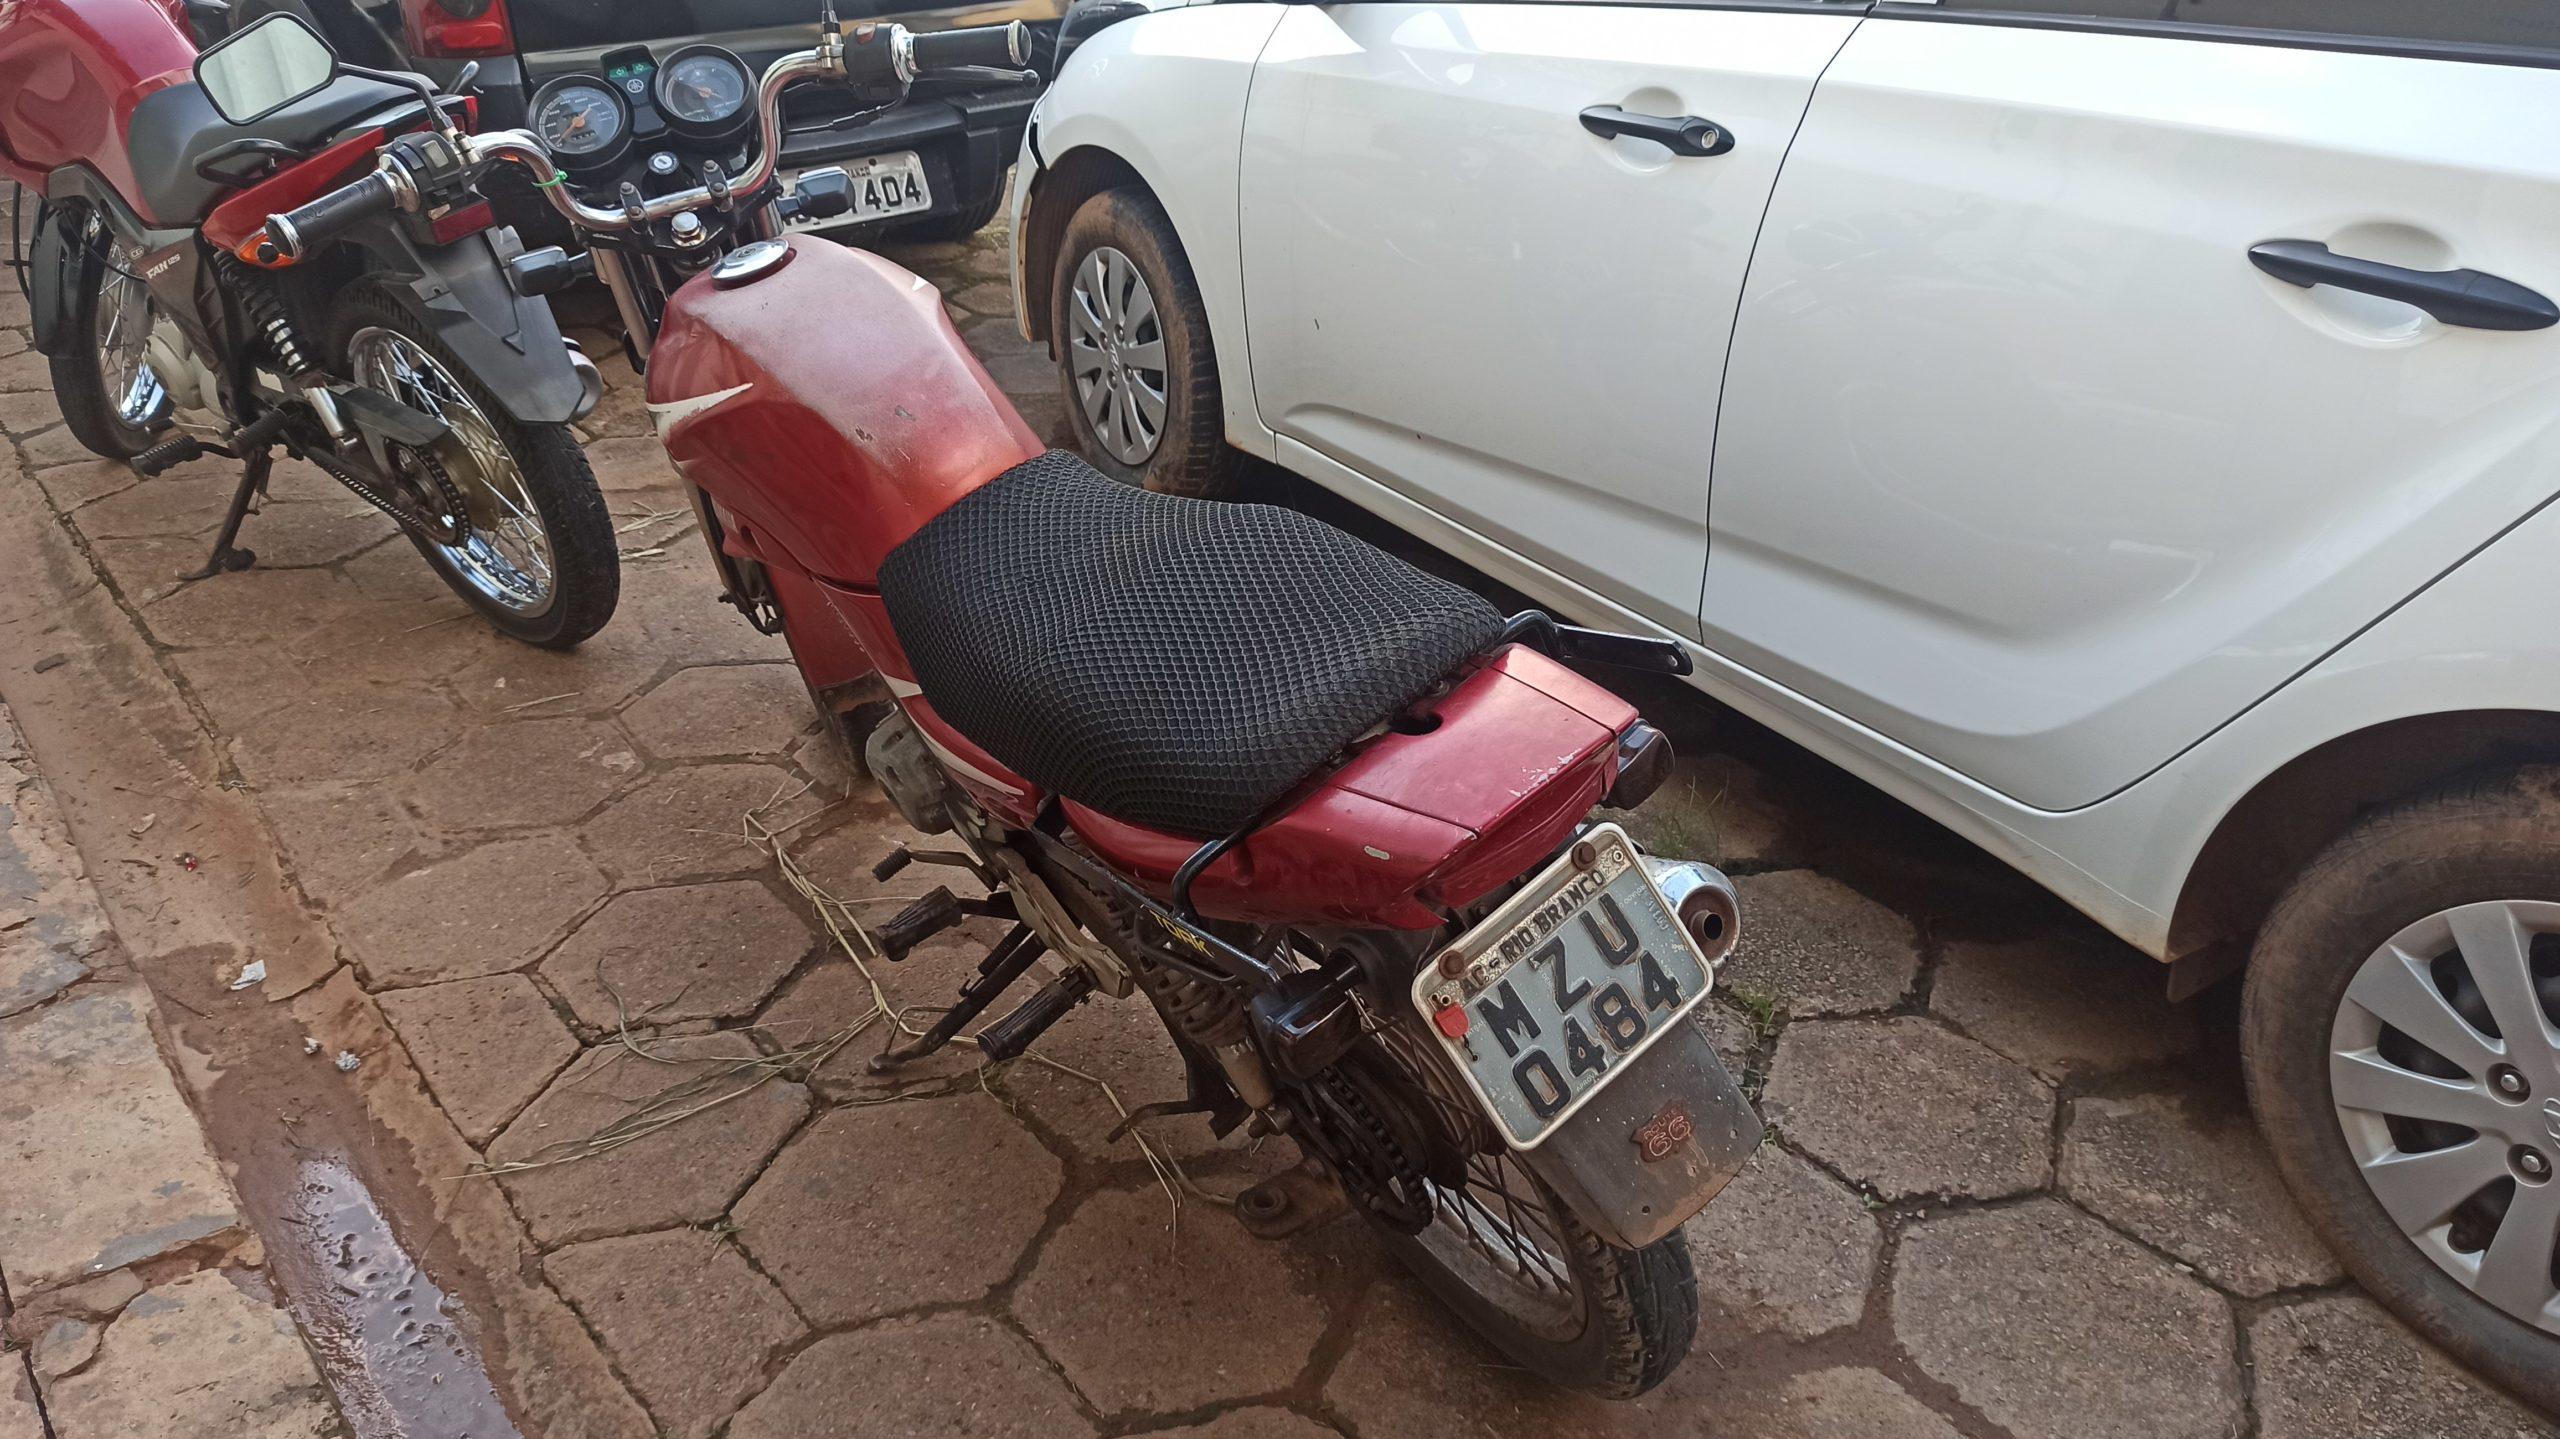 moto roubada (2)